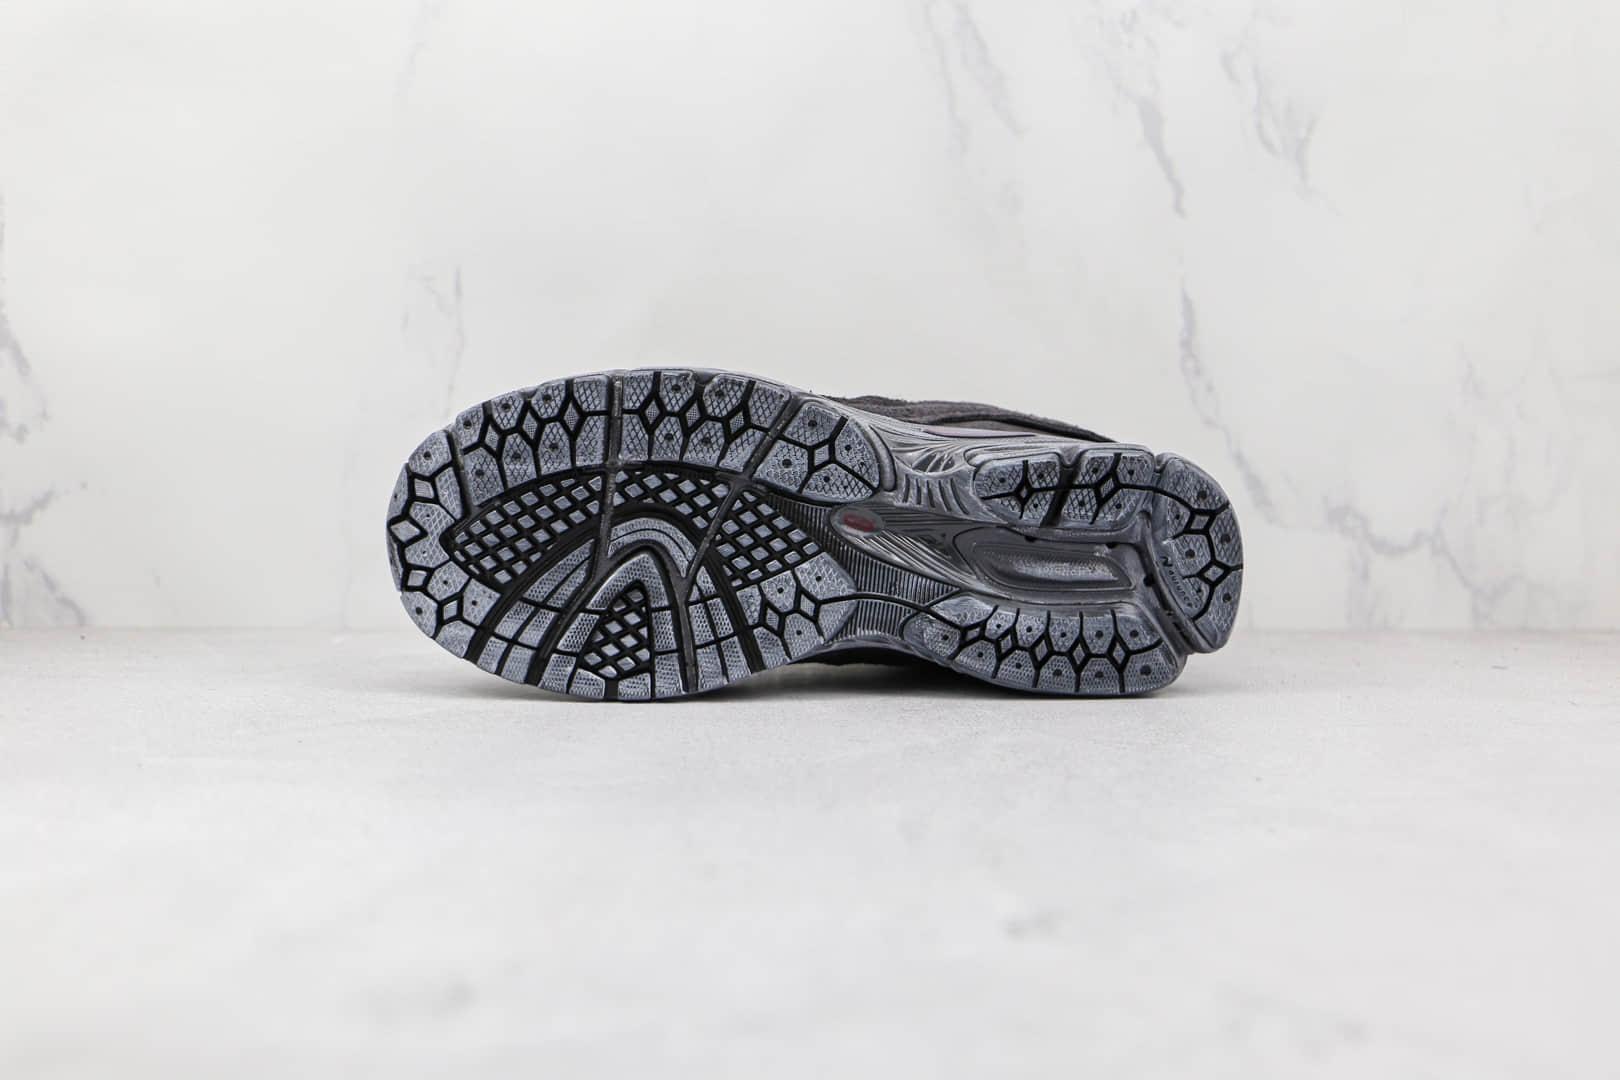 新百伦New Balance 2002R Protection Pack纯原版本幻影黑色不规则剪裁NB2002R解构复古老爹鞋原档案数据开发 货号:M2002RDB